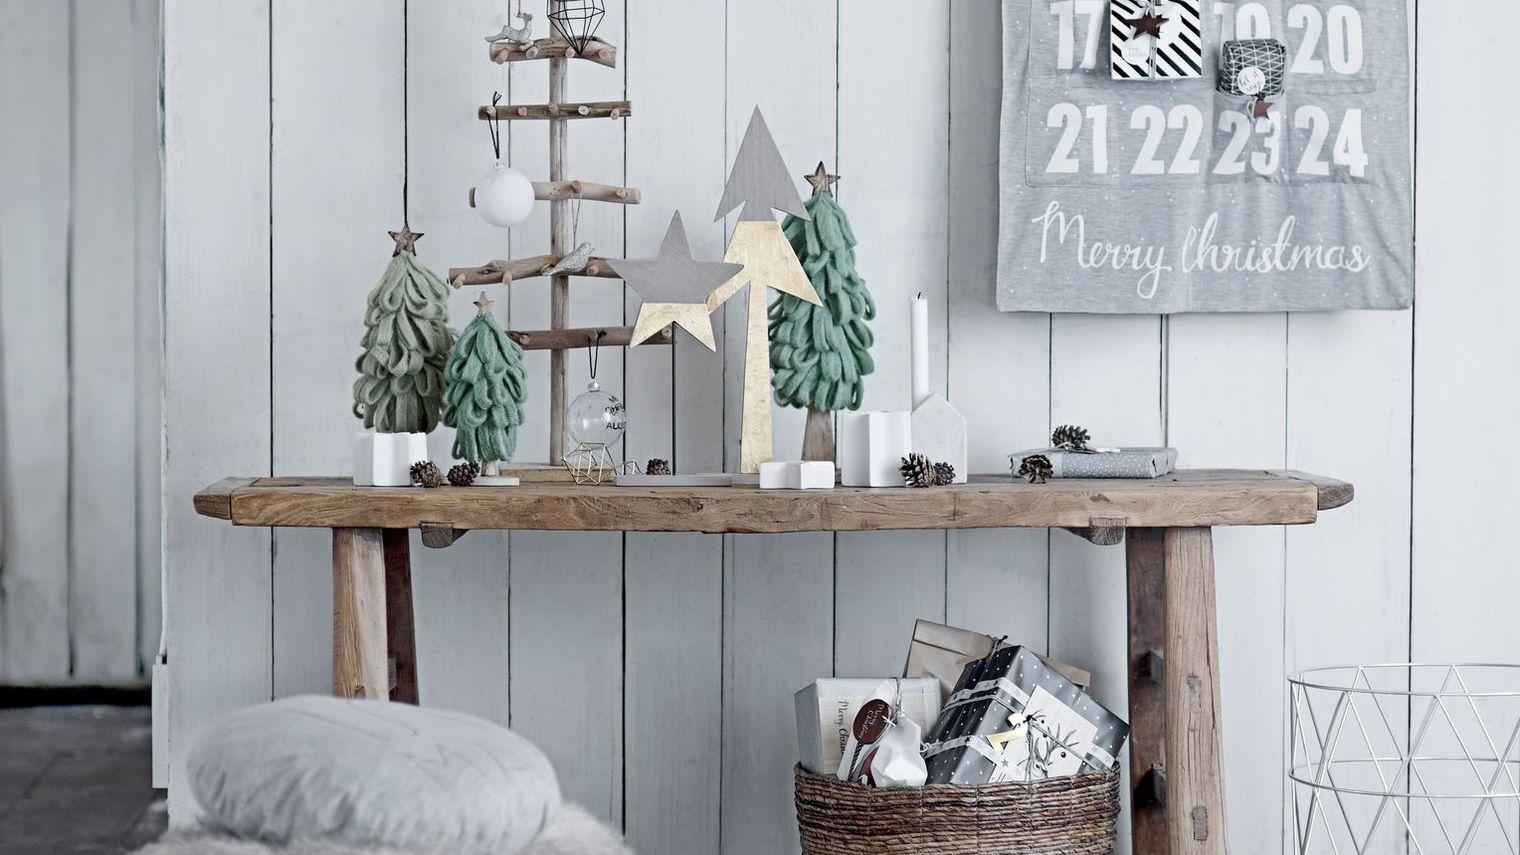 peinture pour decorer les fenetres noel decoration. Black Bedroom Furniture Sets. Home Design Ideas